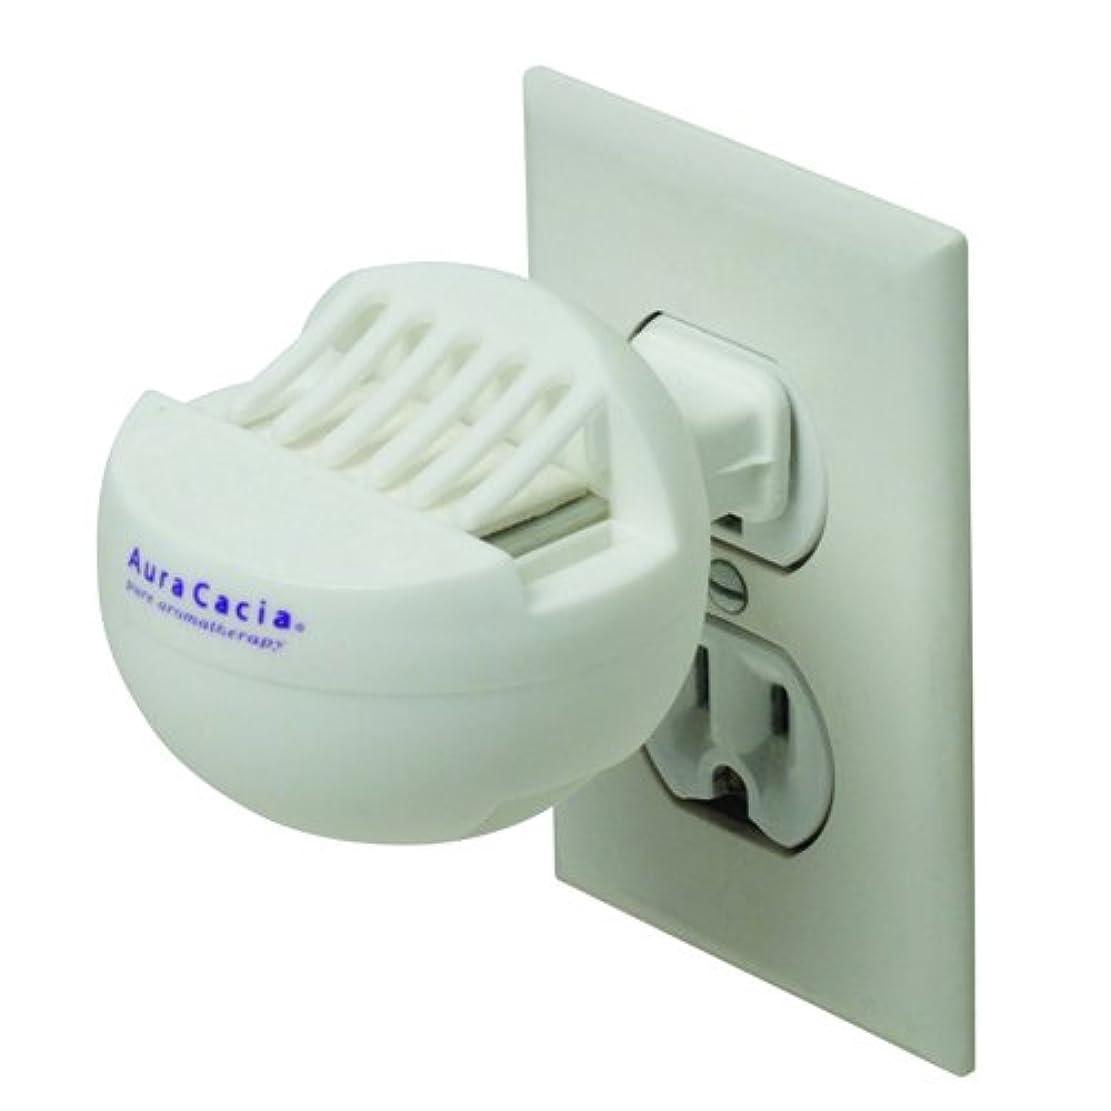 ブロックポンペイランデブー海外直送品 Aura Cacia Aromatherapy Room Diffuser, 1 Pc